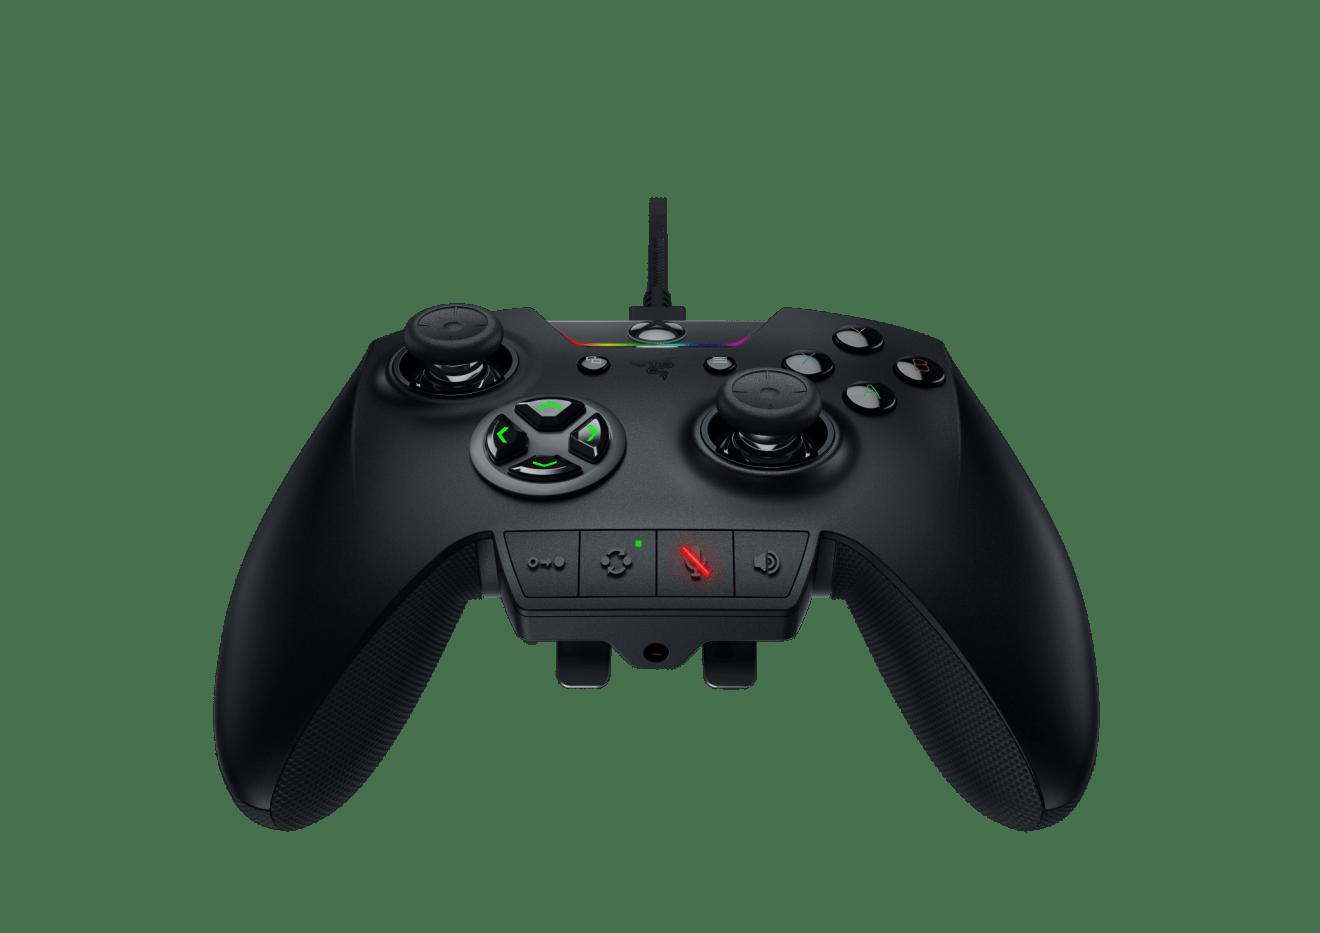 Rzr WolverineUlt V02 - Este é o controle mais personalizável do mercado para Xbox e PC